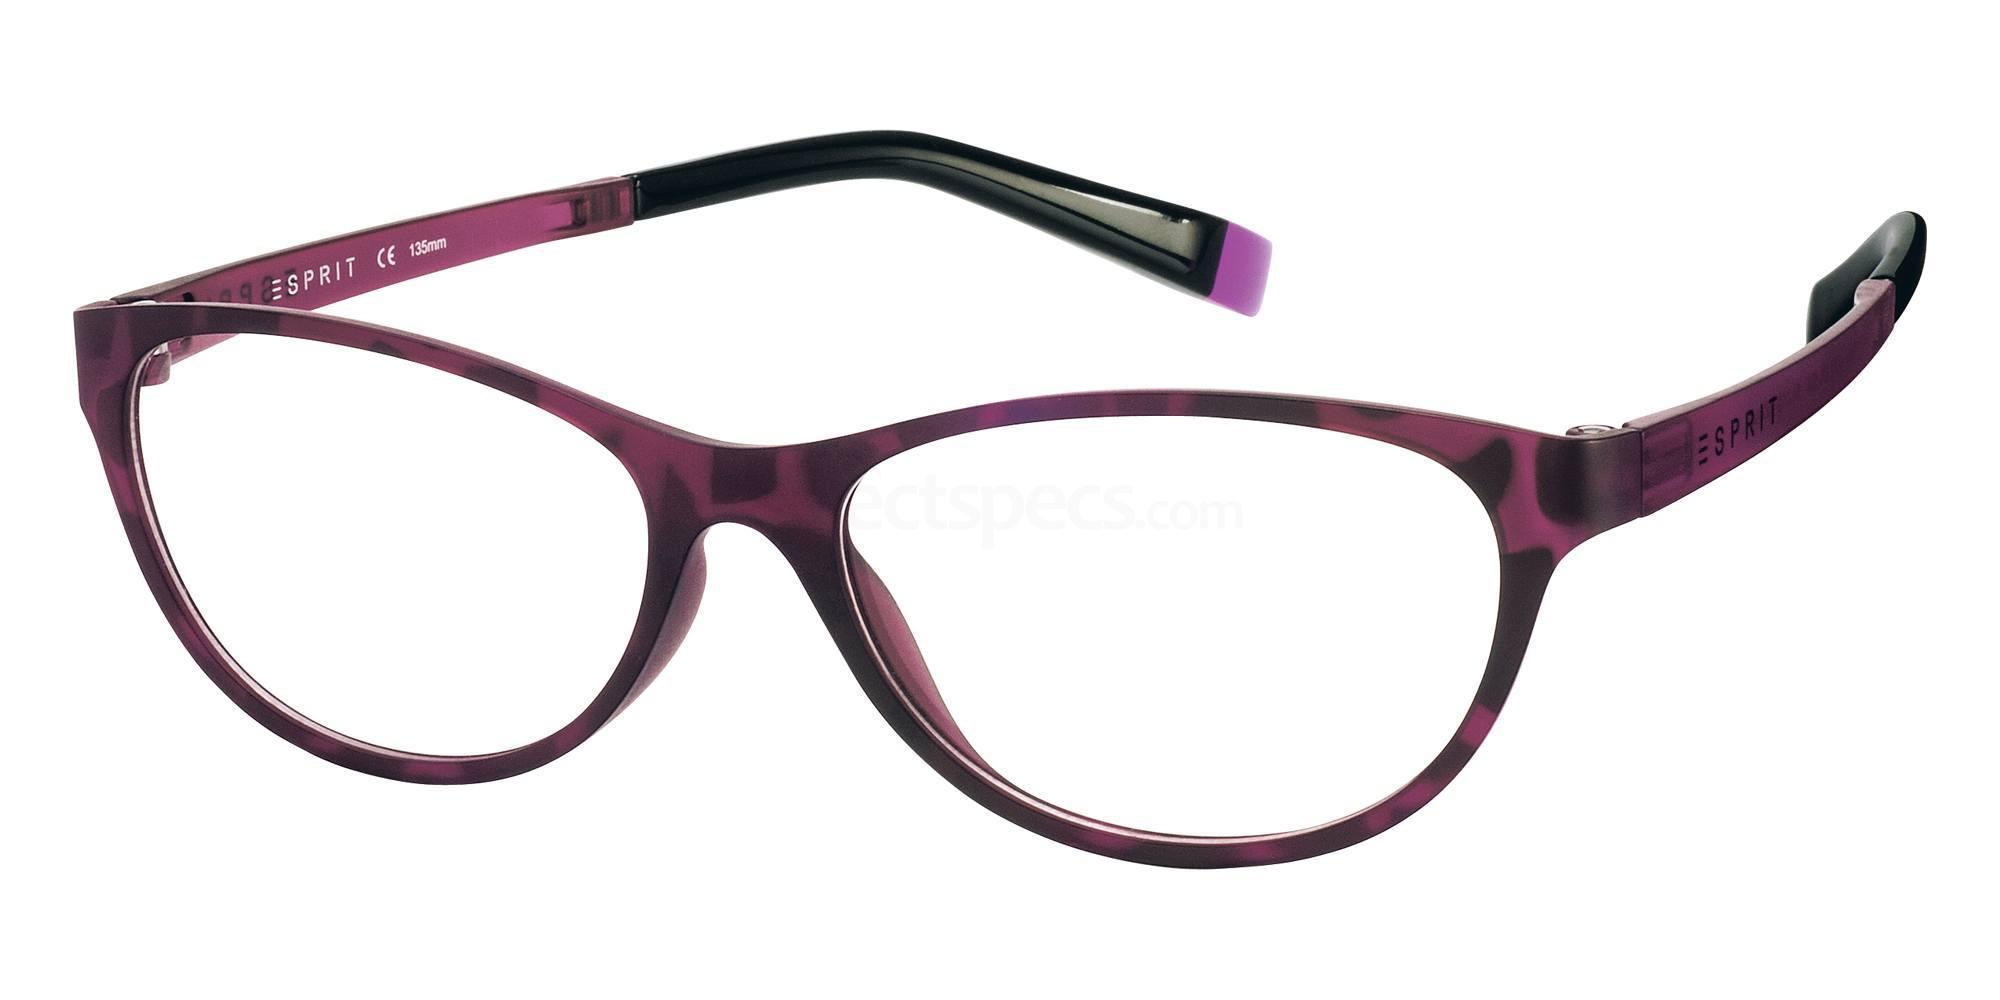 534 ET17456 Glasses, Esprit